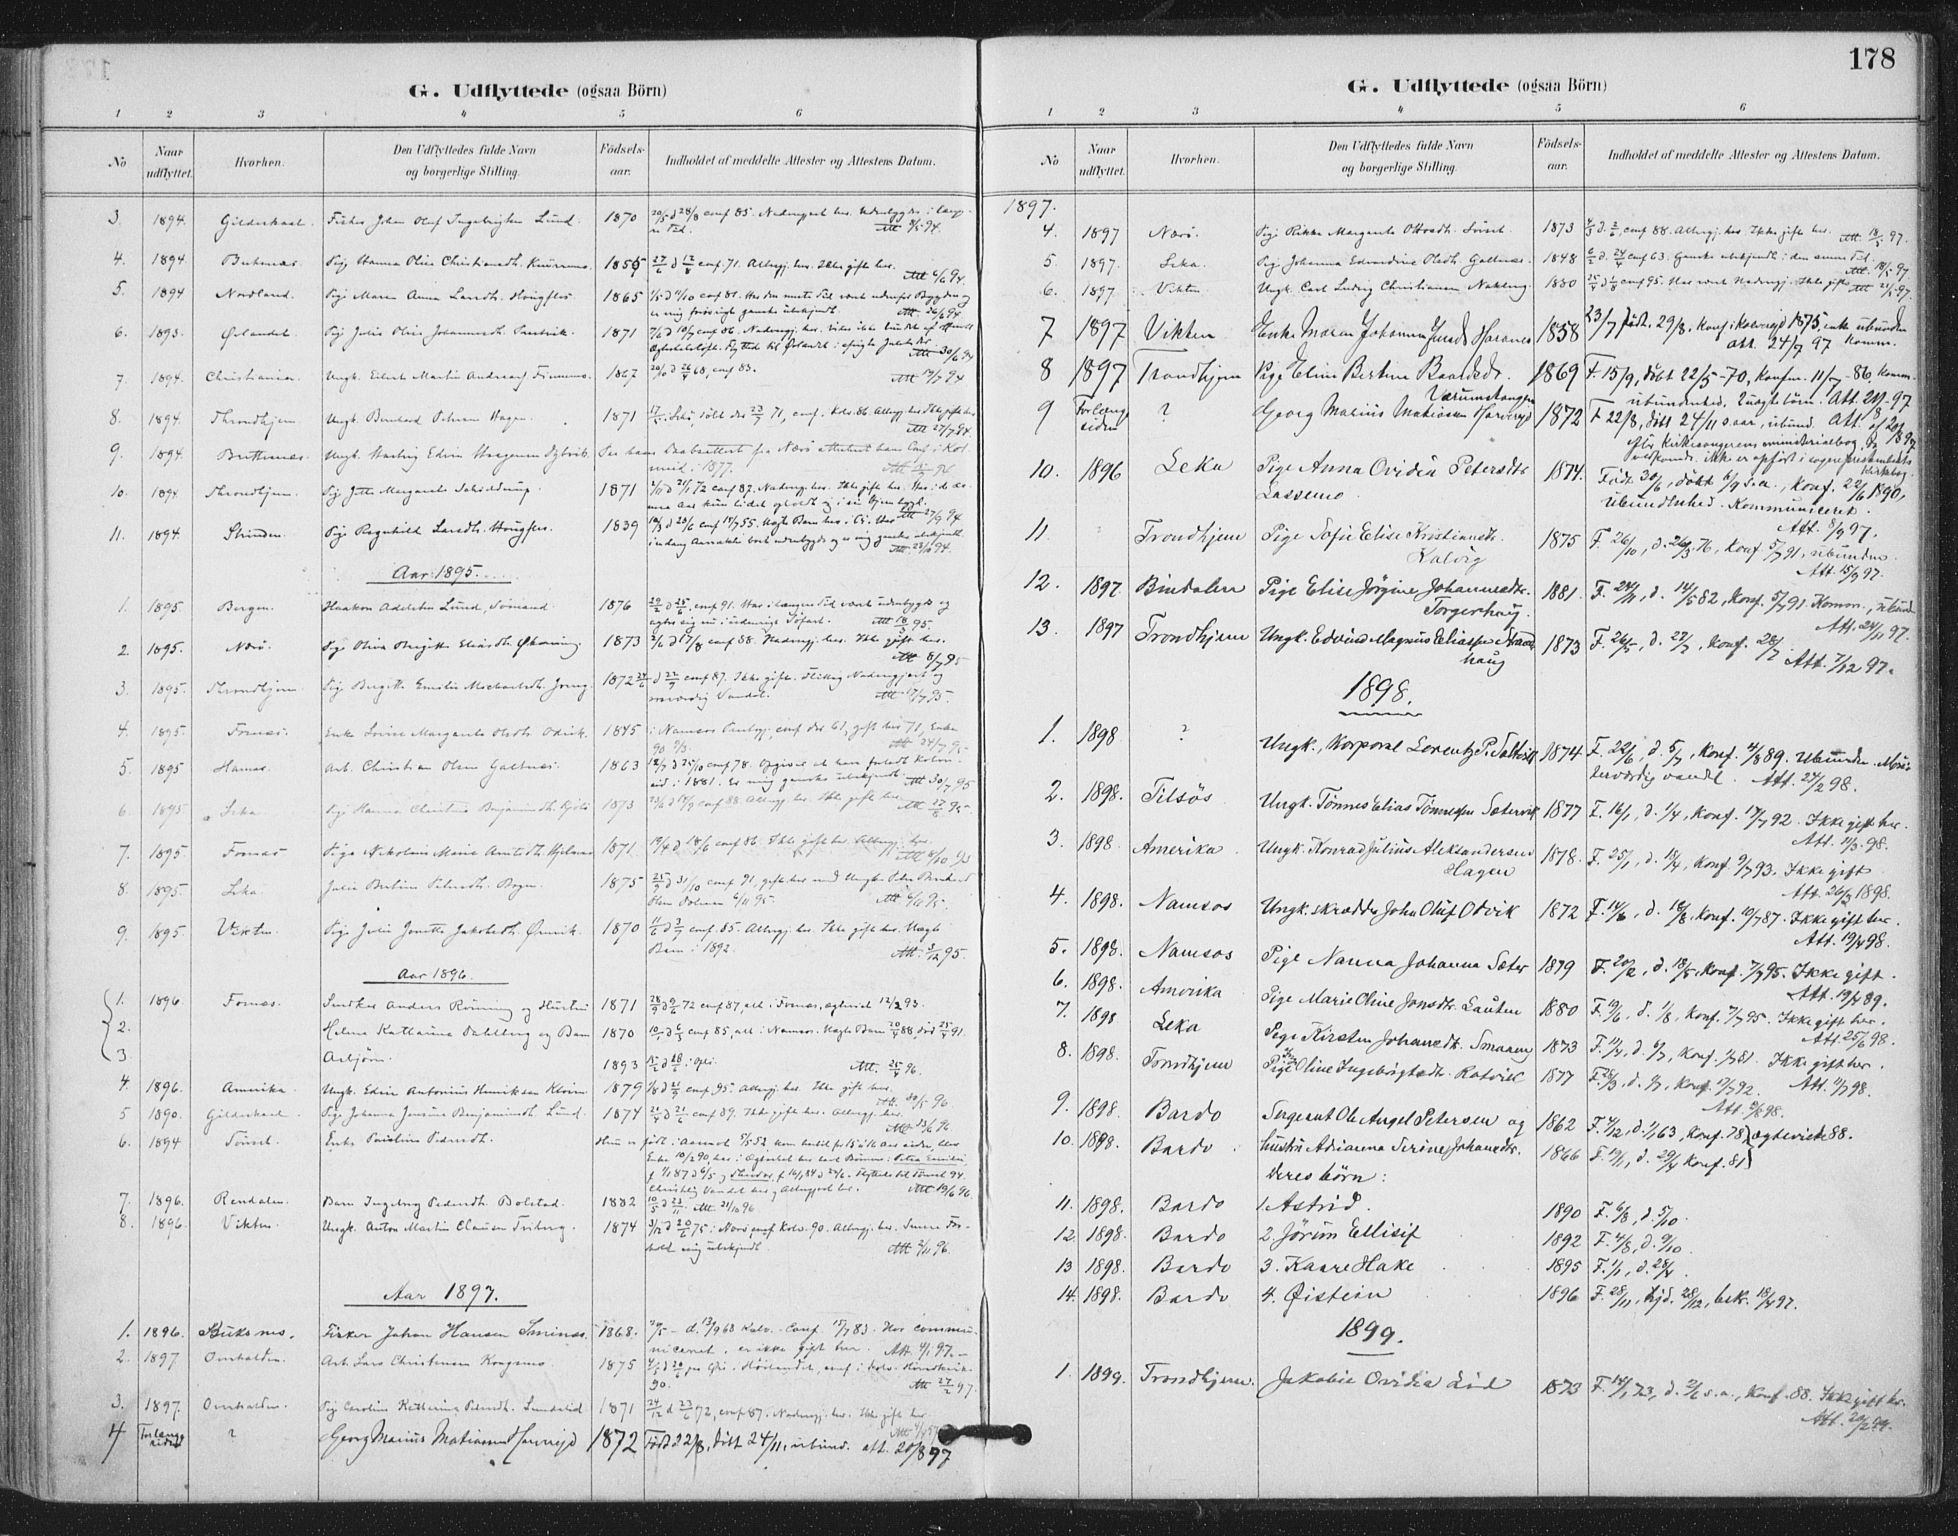 SAT, Ministerialprotokoller, klokkerbøker og fødselsregistre - Nord-Trøndelag, 780/L0644: Ministerialbok nr. 780A08, 1886-1903, s. 178